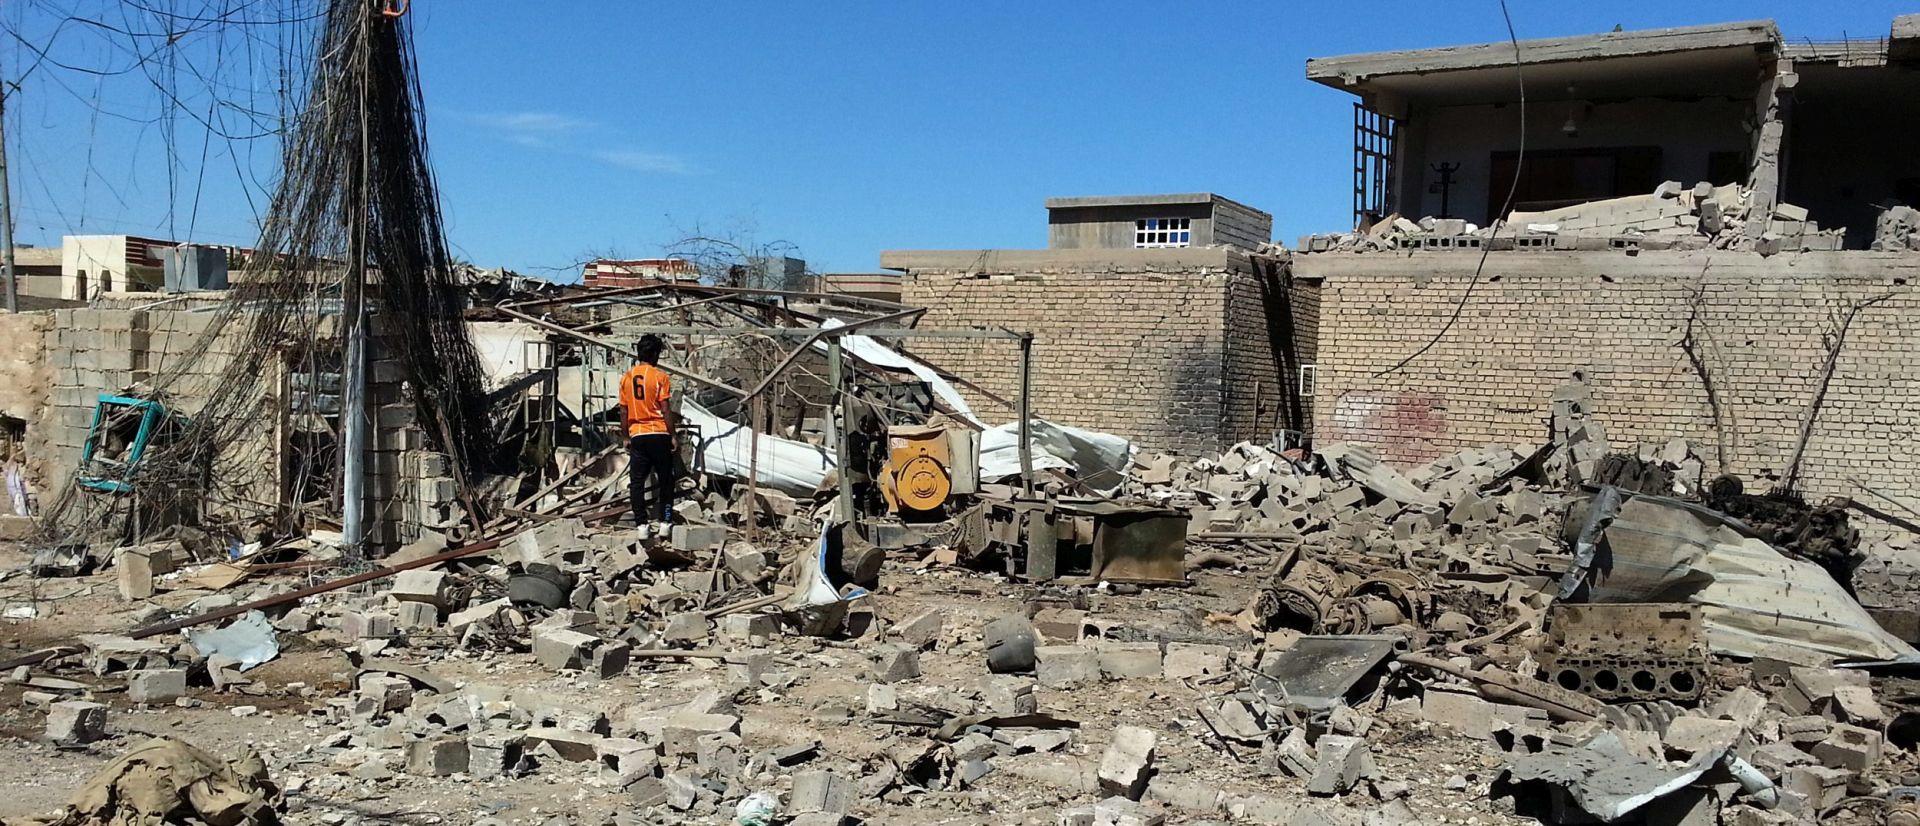 SAMOUBILAČKI NAPAD U BAGDADU Najmanje 10 mrtvih, 28 ranjenih